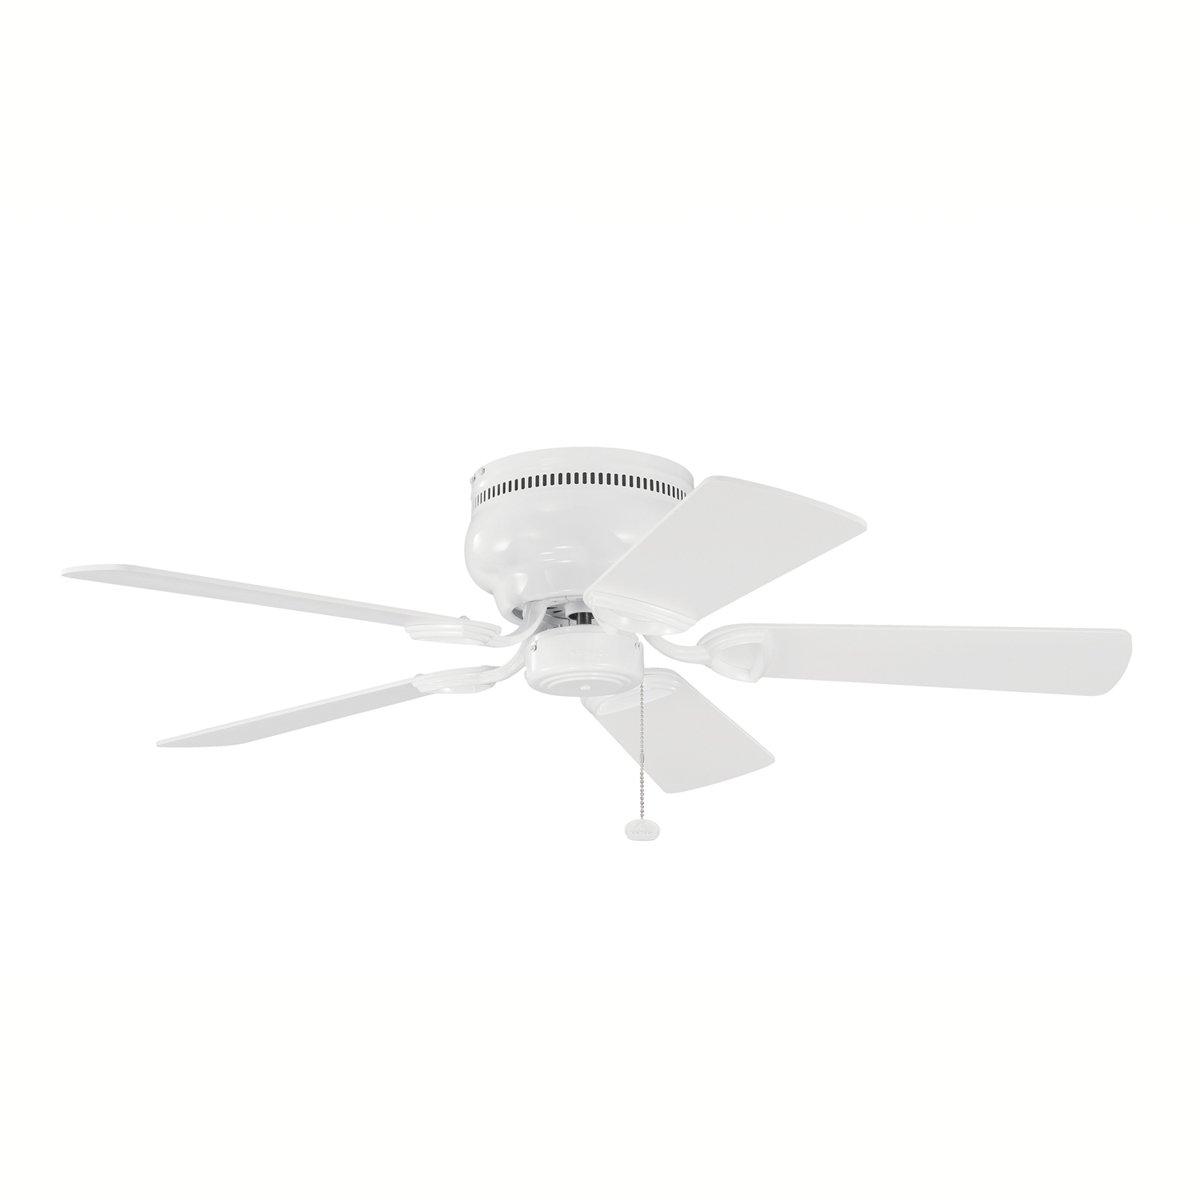 alpha blades go fan shop ceiling inch prd